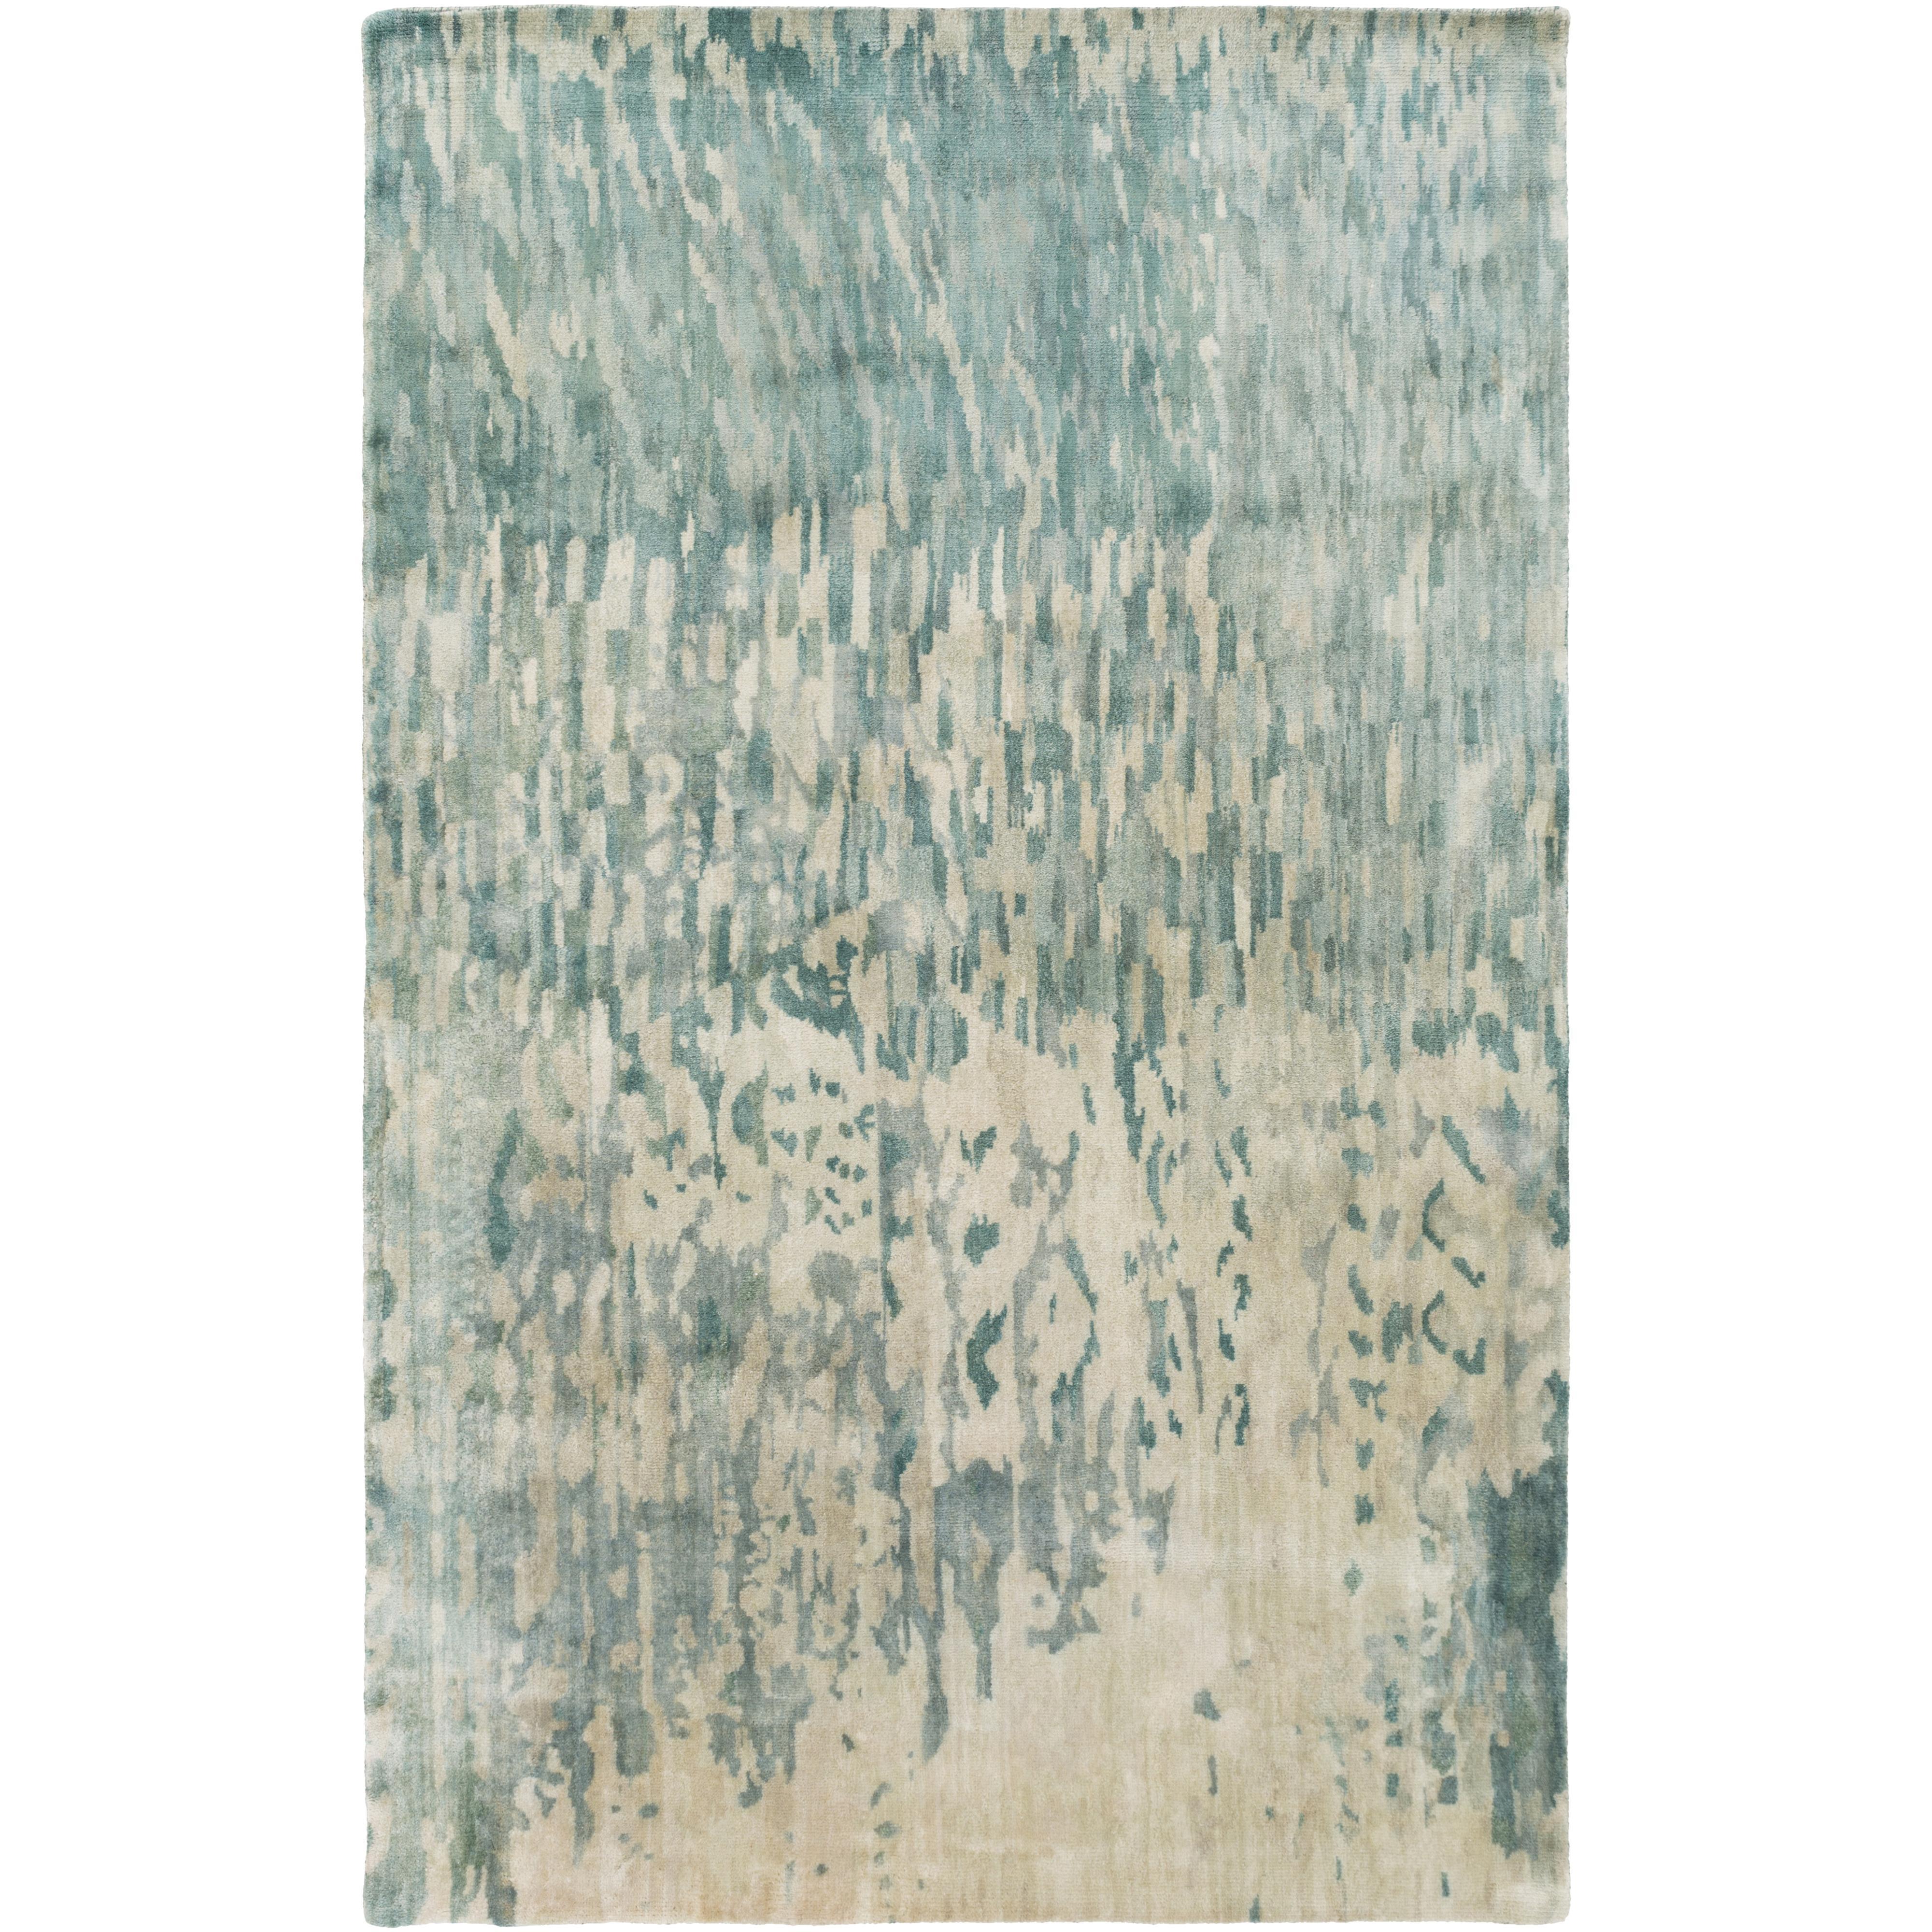 Surya Watercolor 2' x 3' - Item Number: WAT5004-23